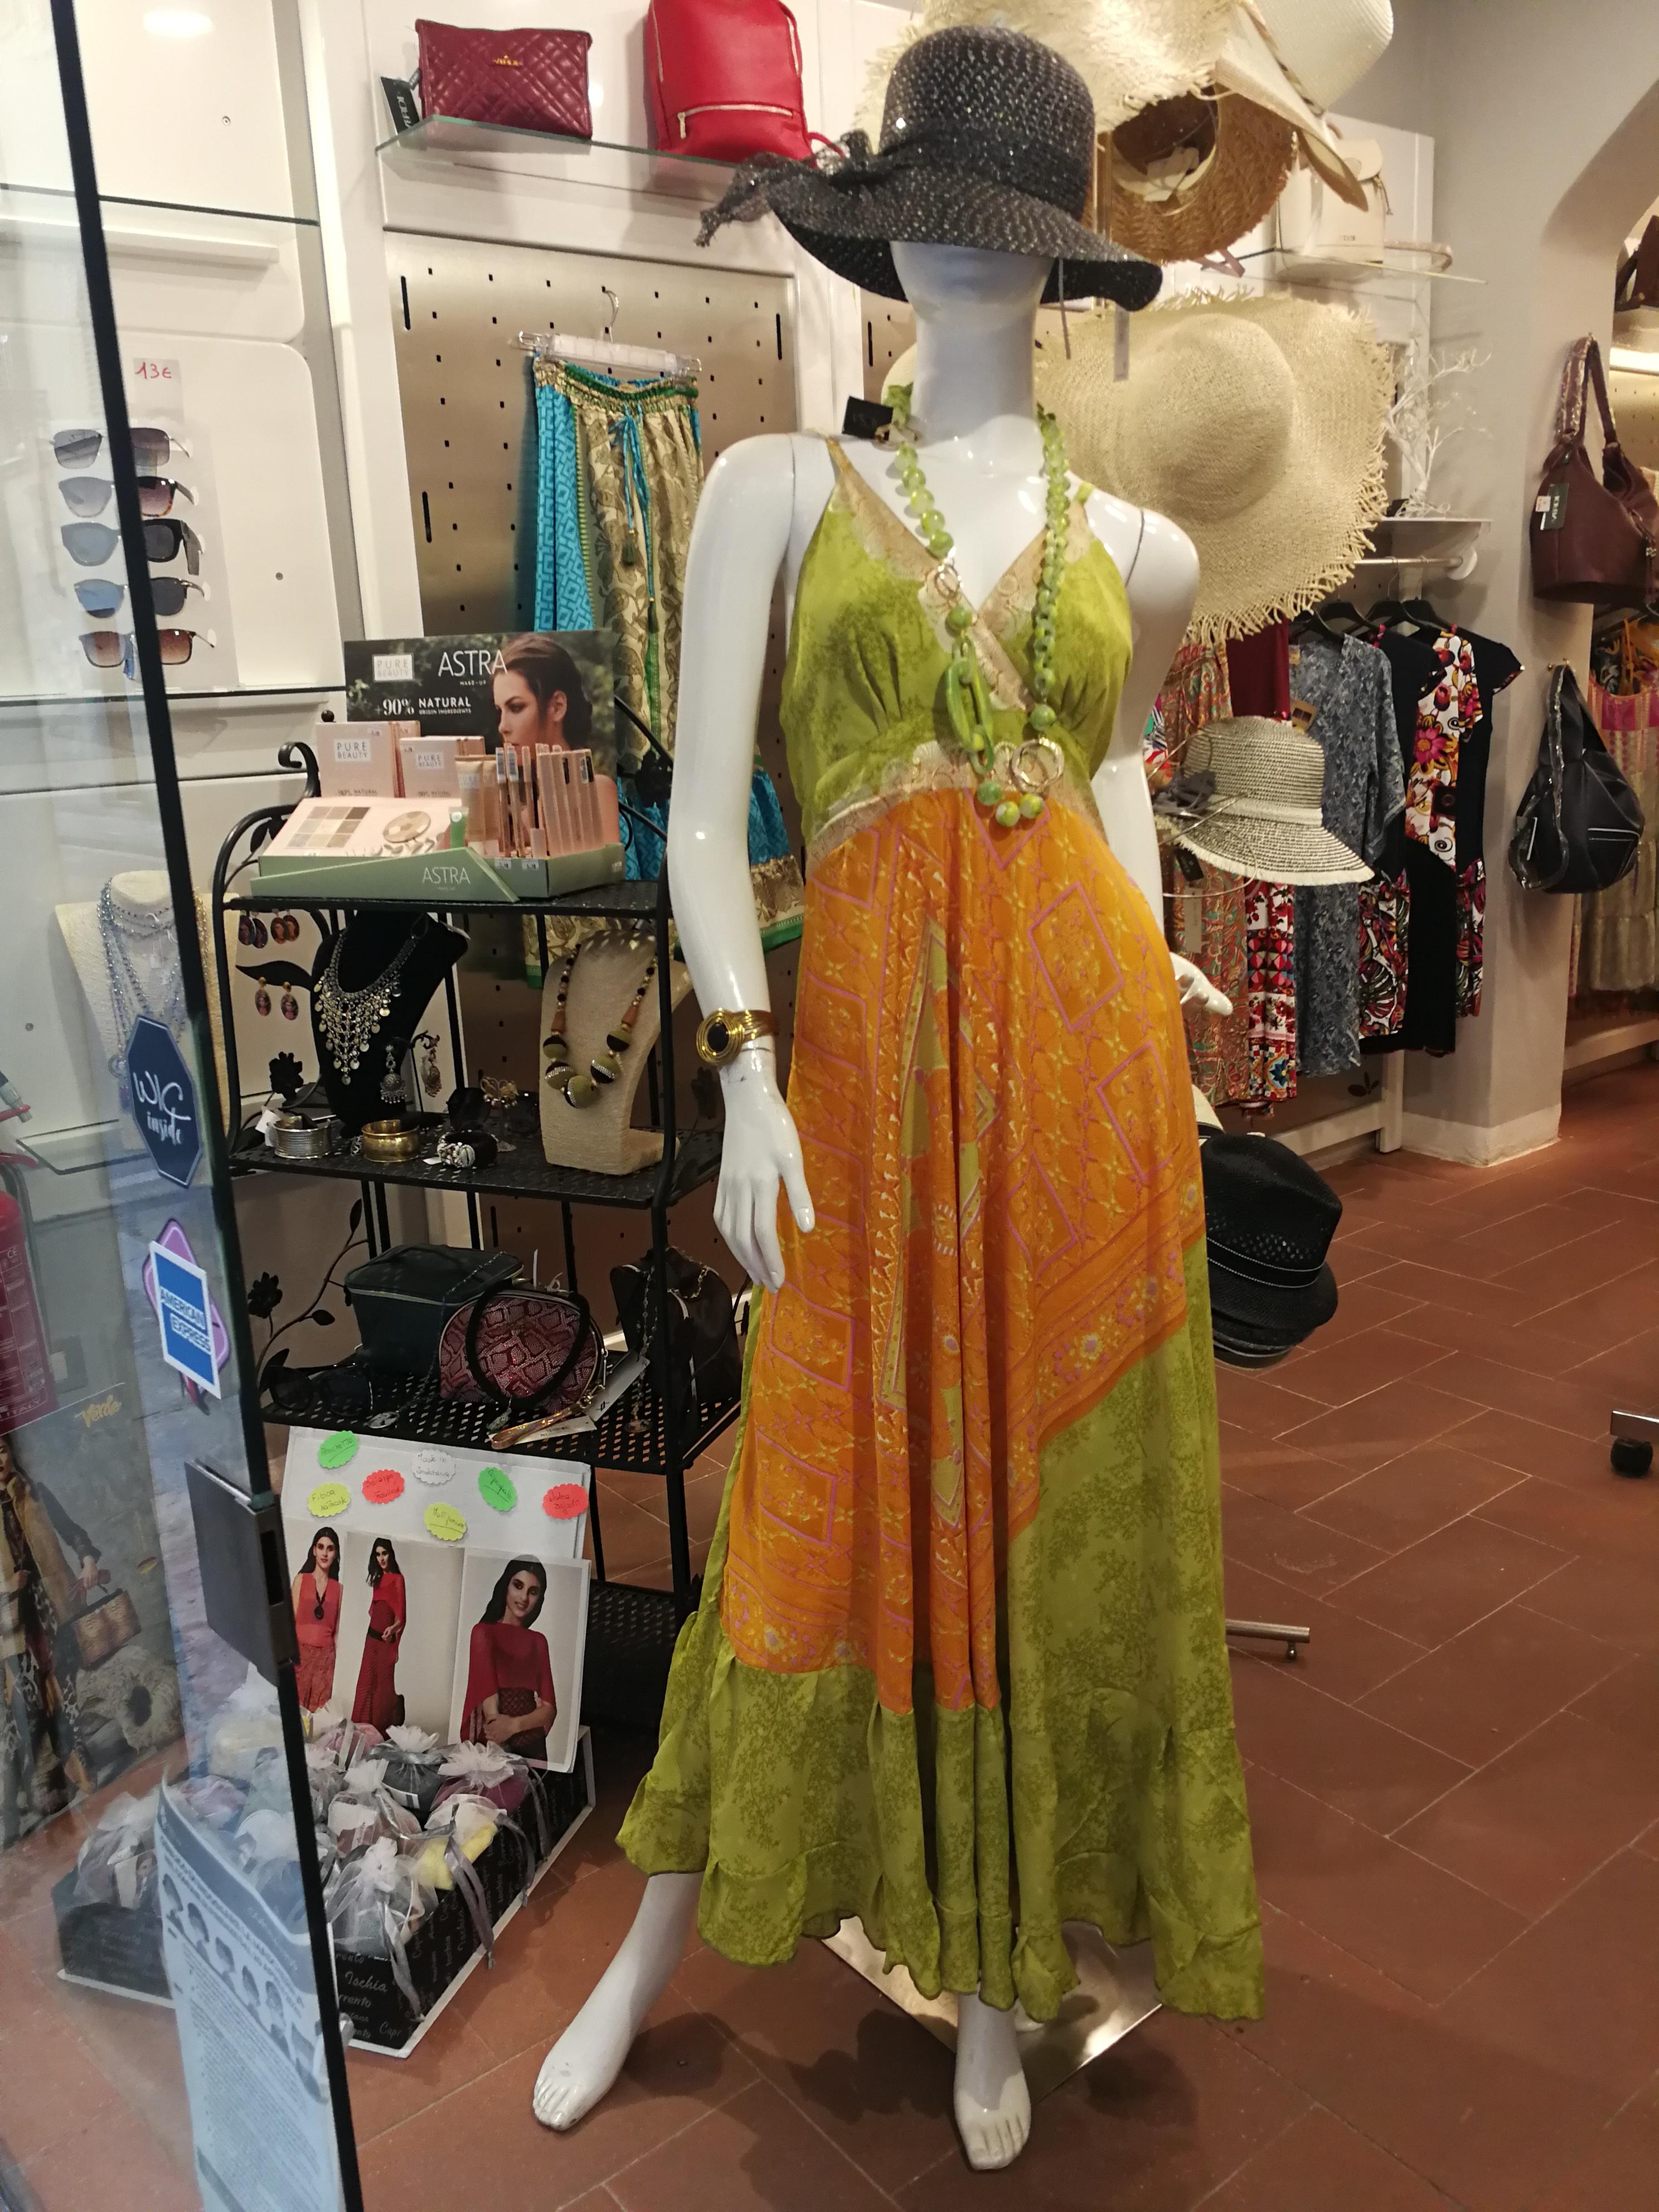 Vestito donna stile gipsy  | Tendenza moda estate 2021